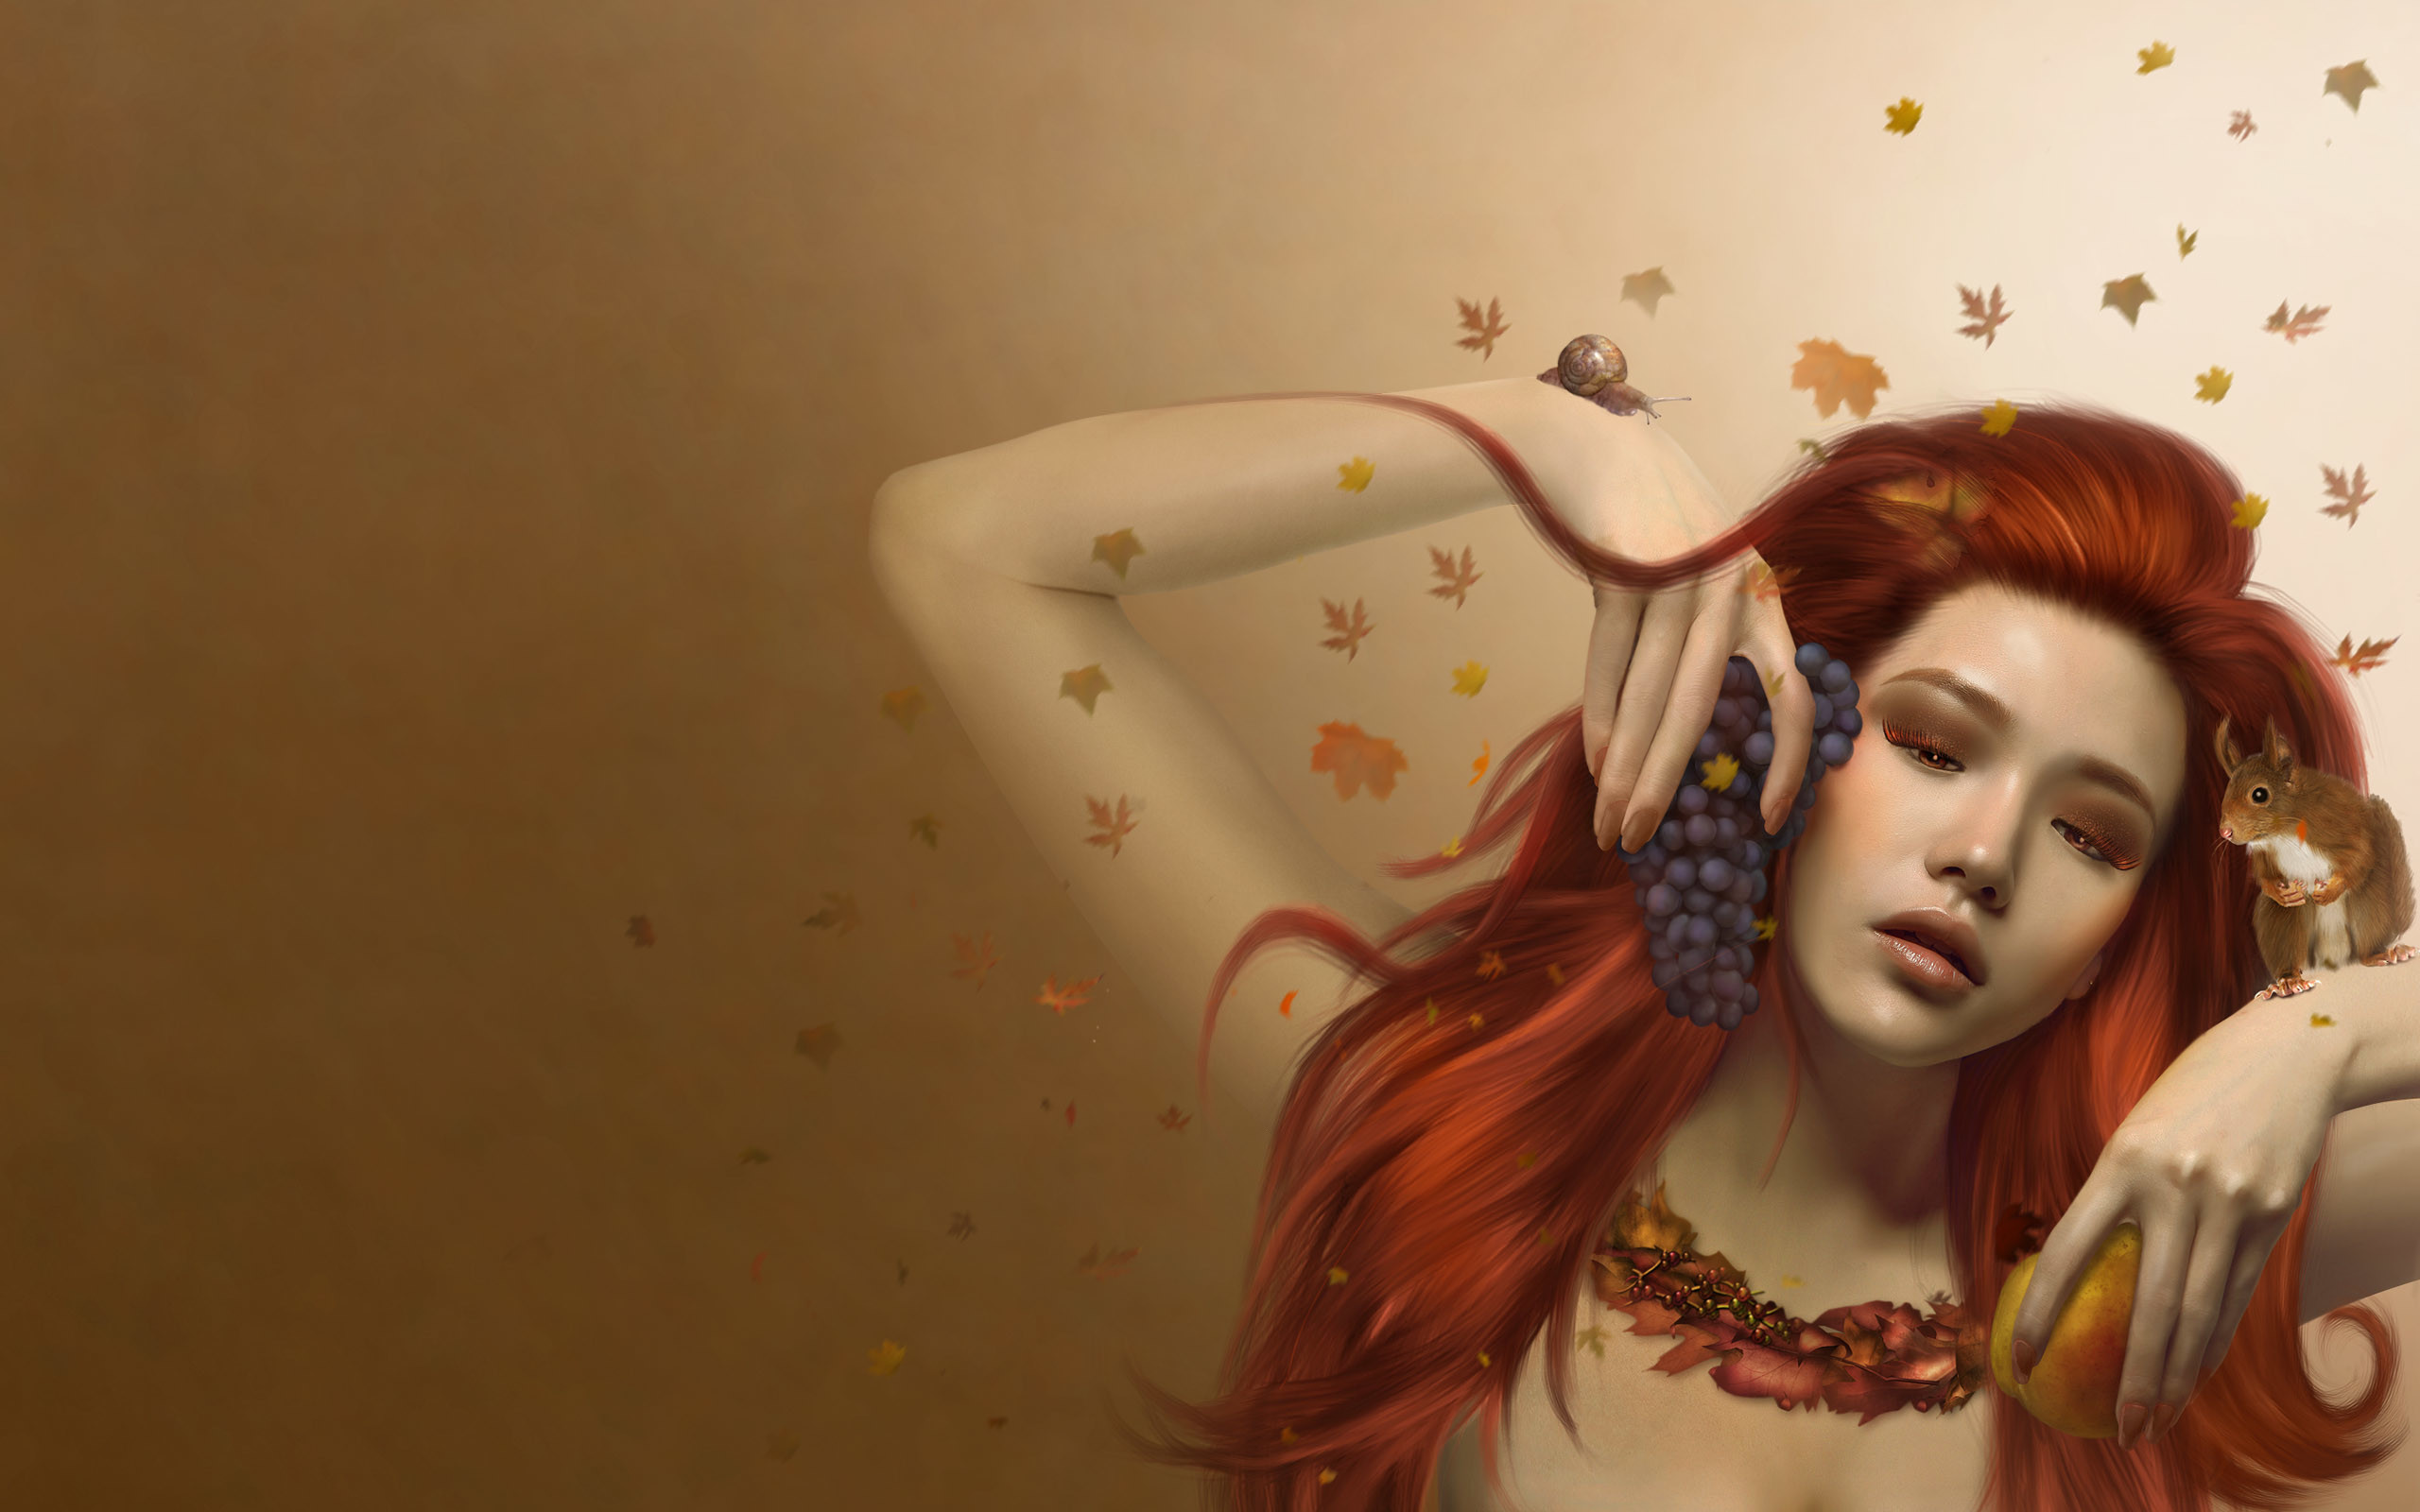 Beautiful-Digital-Art-girl-wallpaper-HD